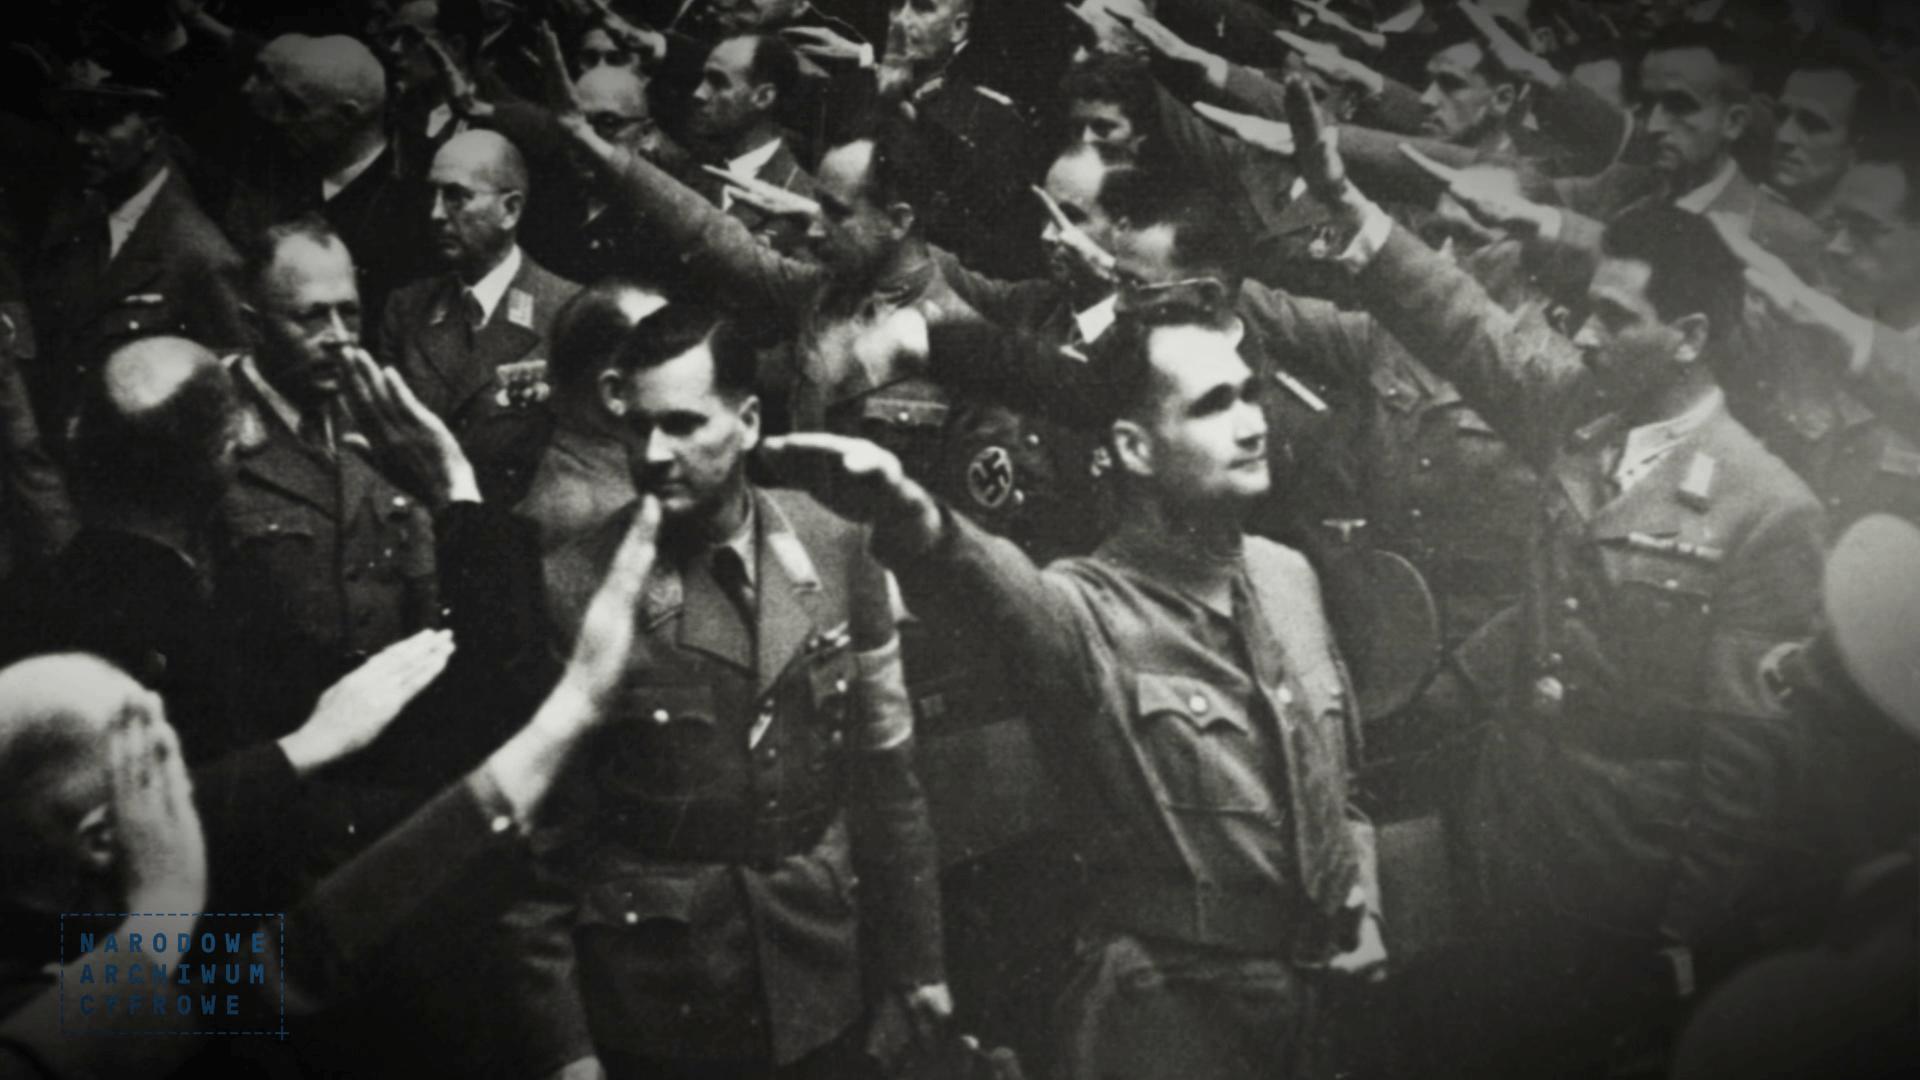 Możliwy zlot neonazistów Narożnik